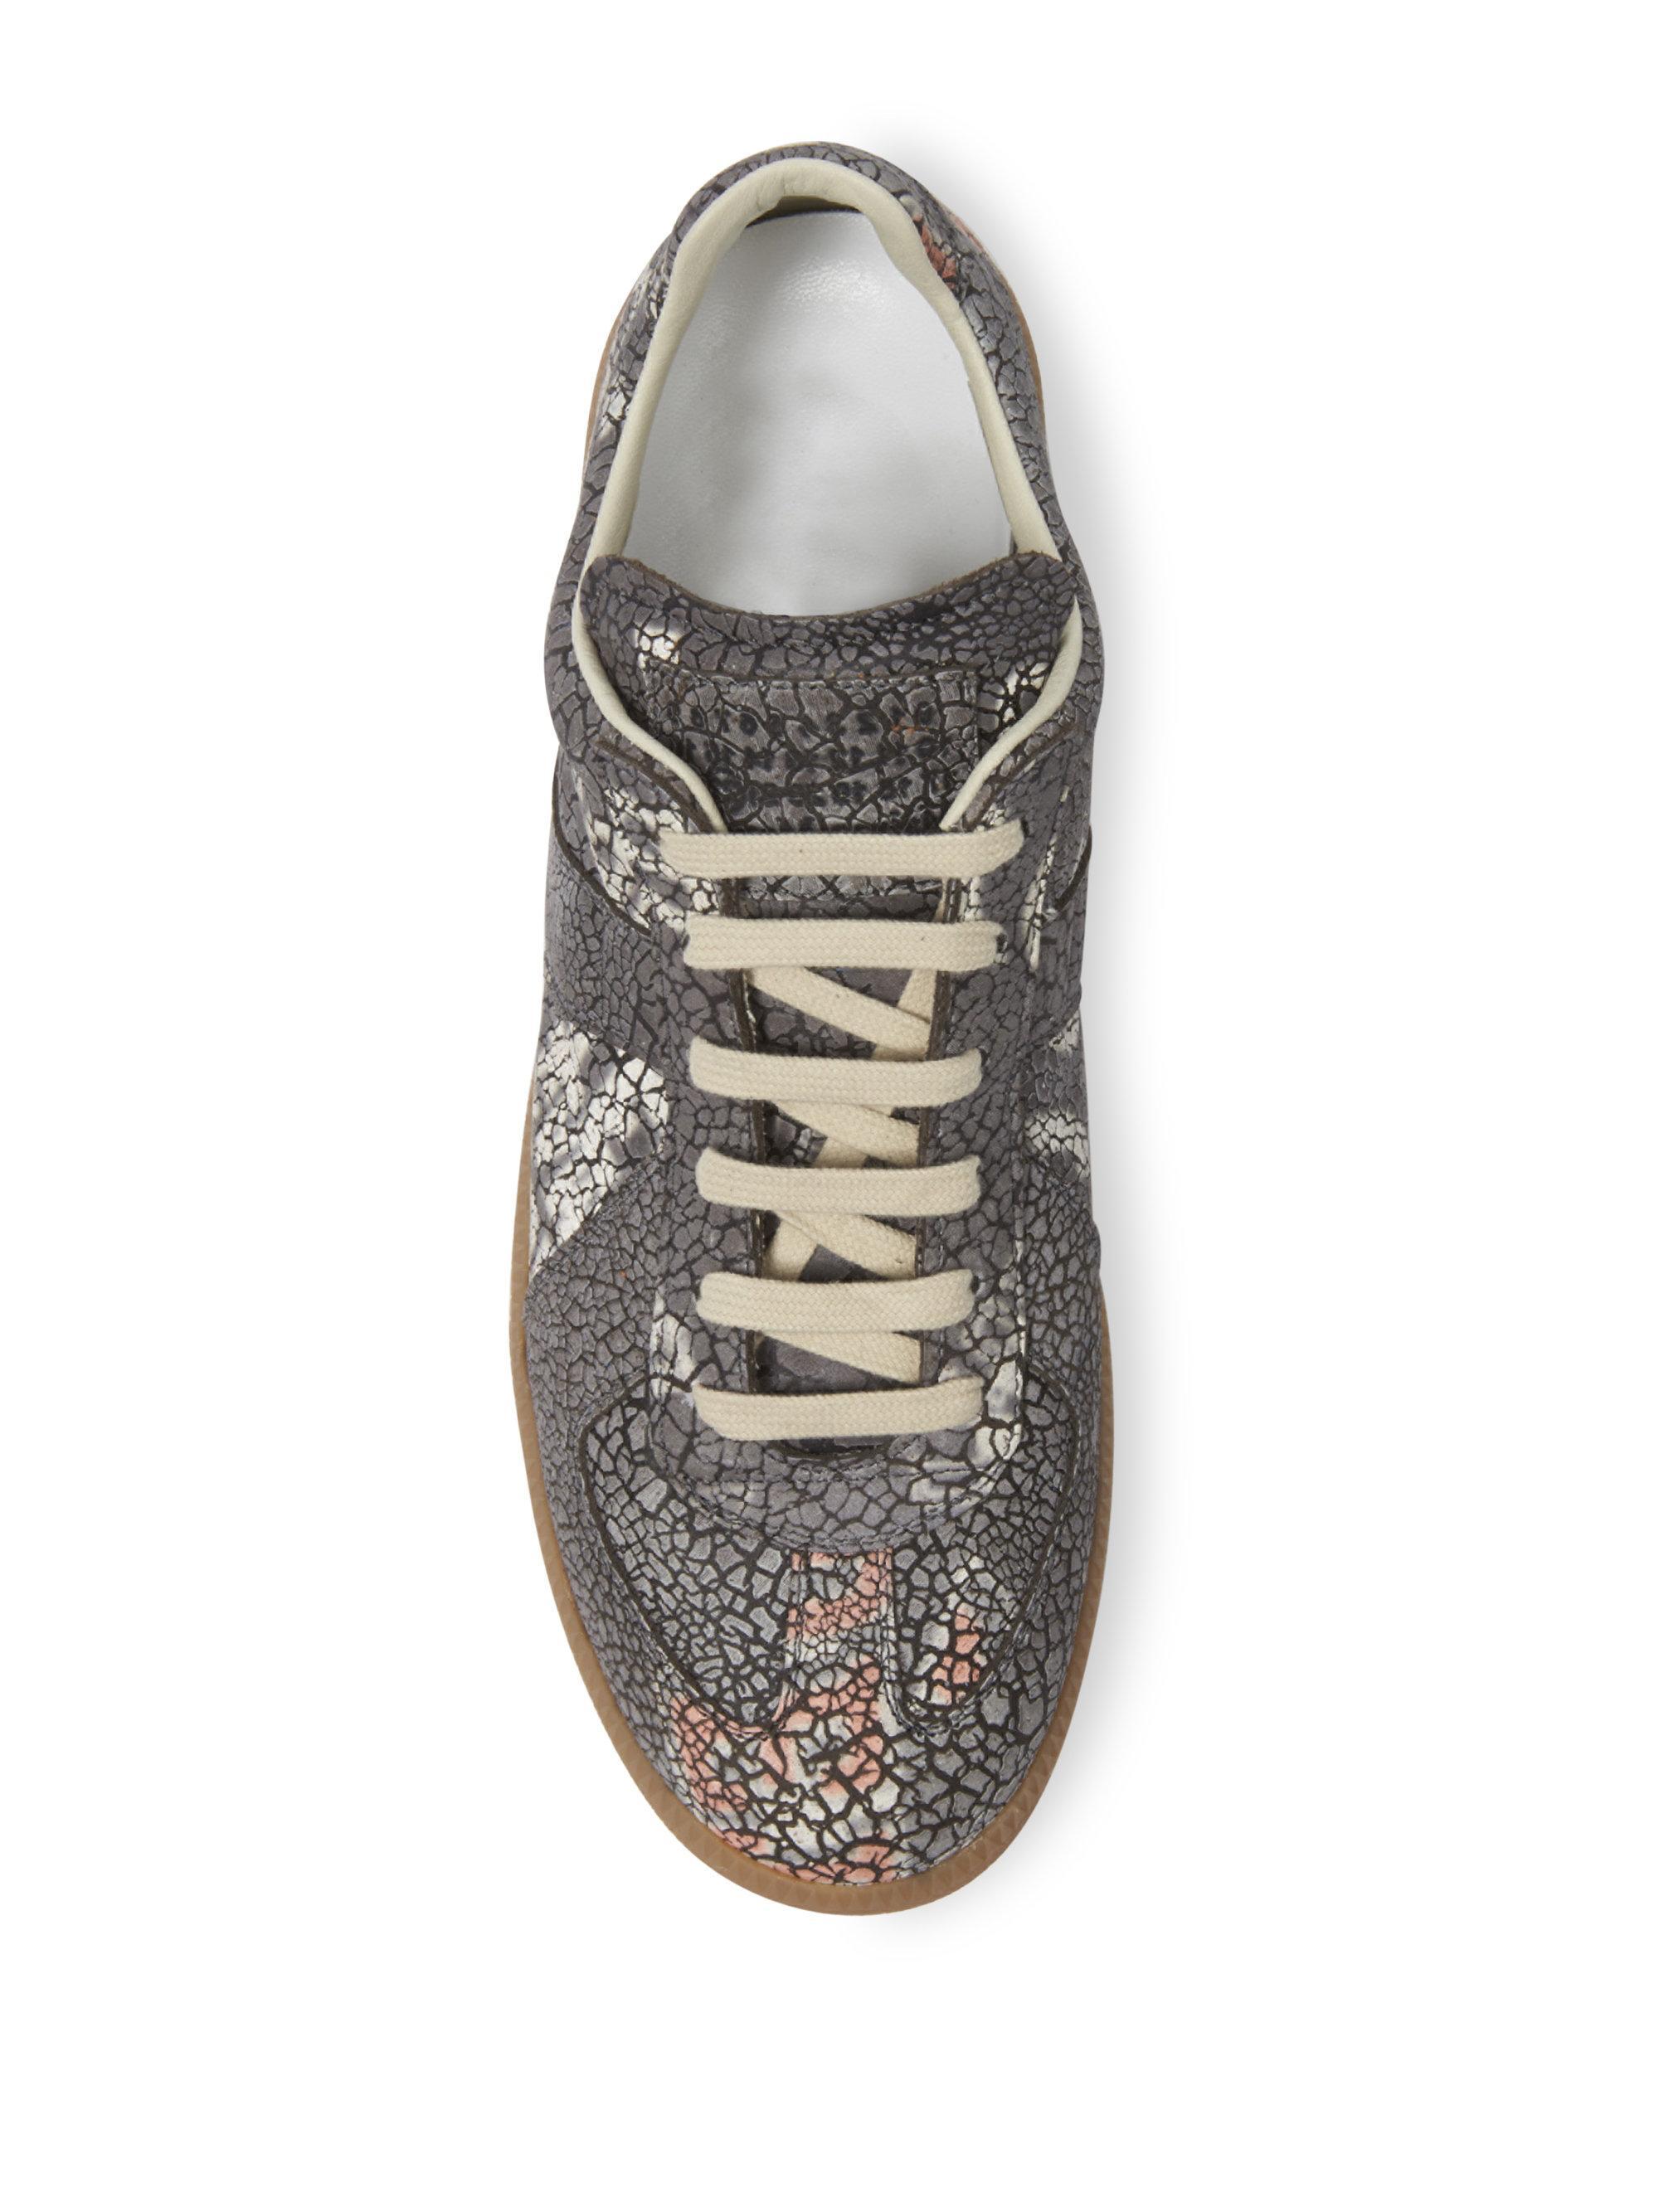 Replica Prada Tennis Shoes